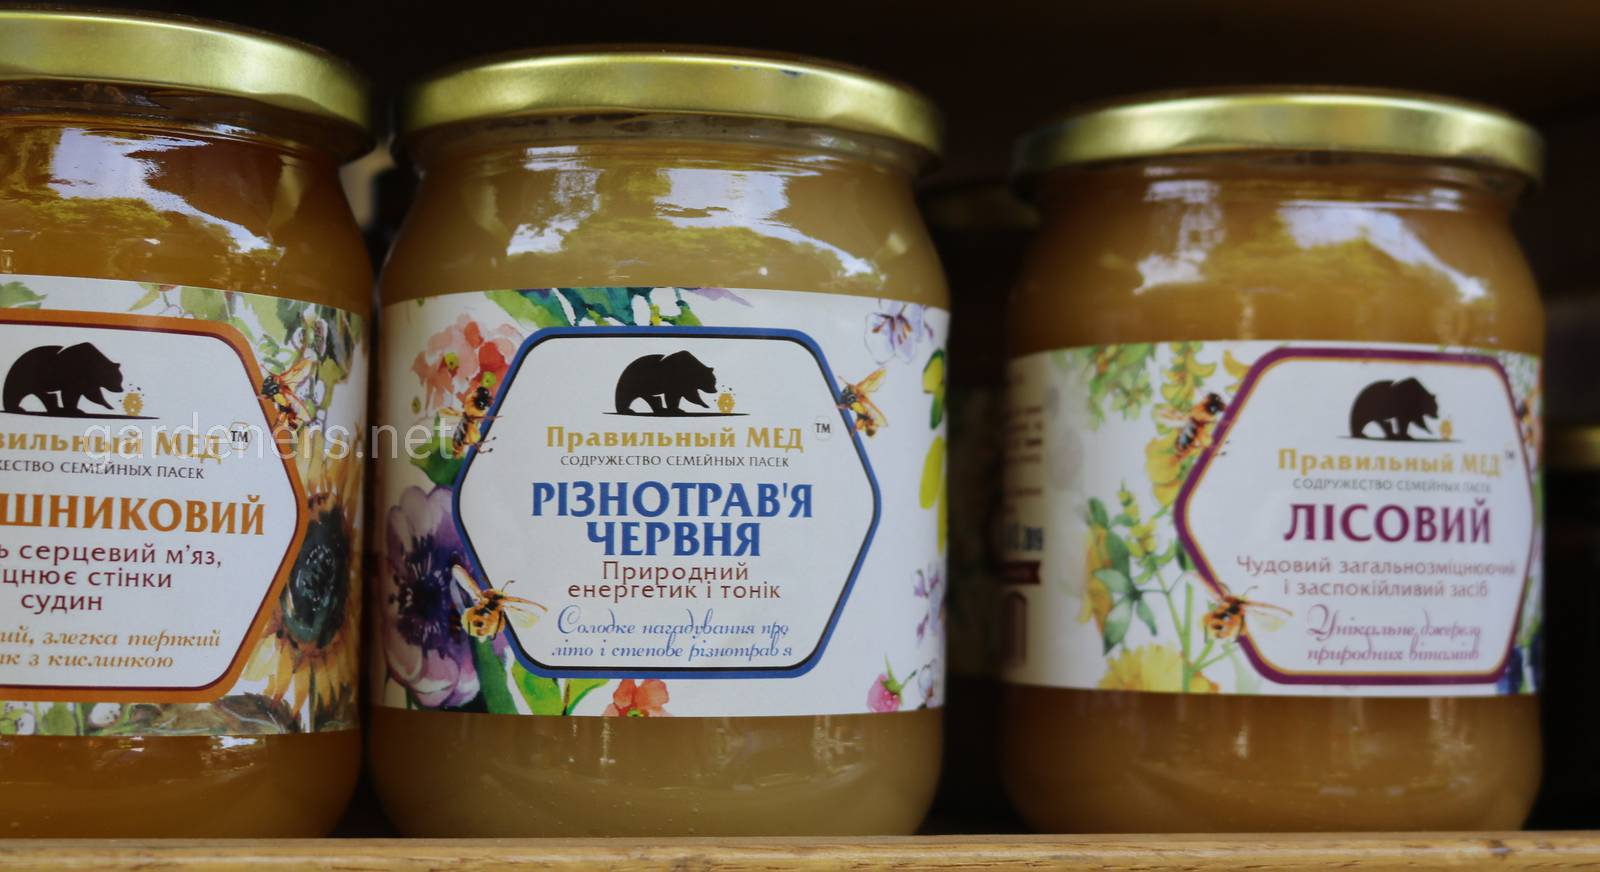 Содружество Семейных пасек «Правильный мёд»